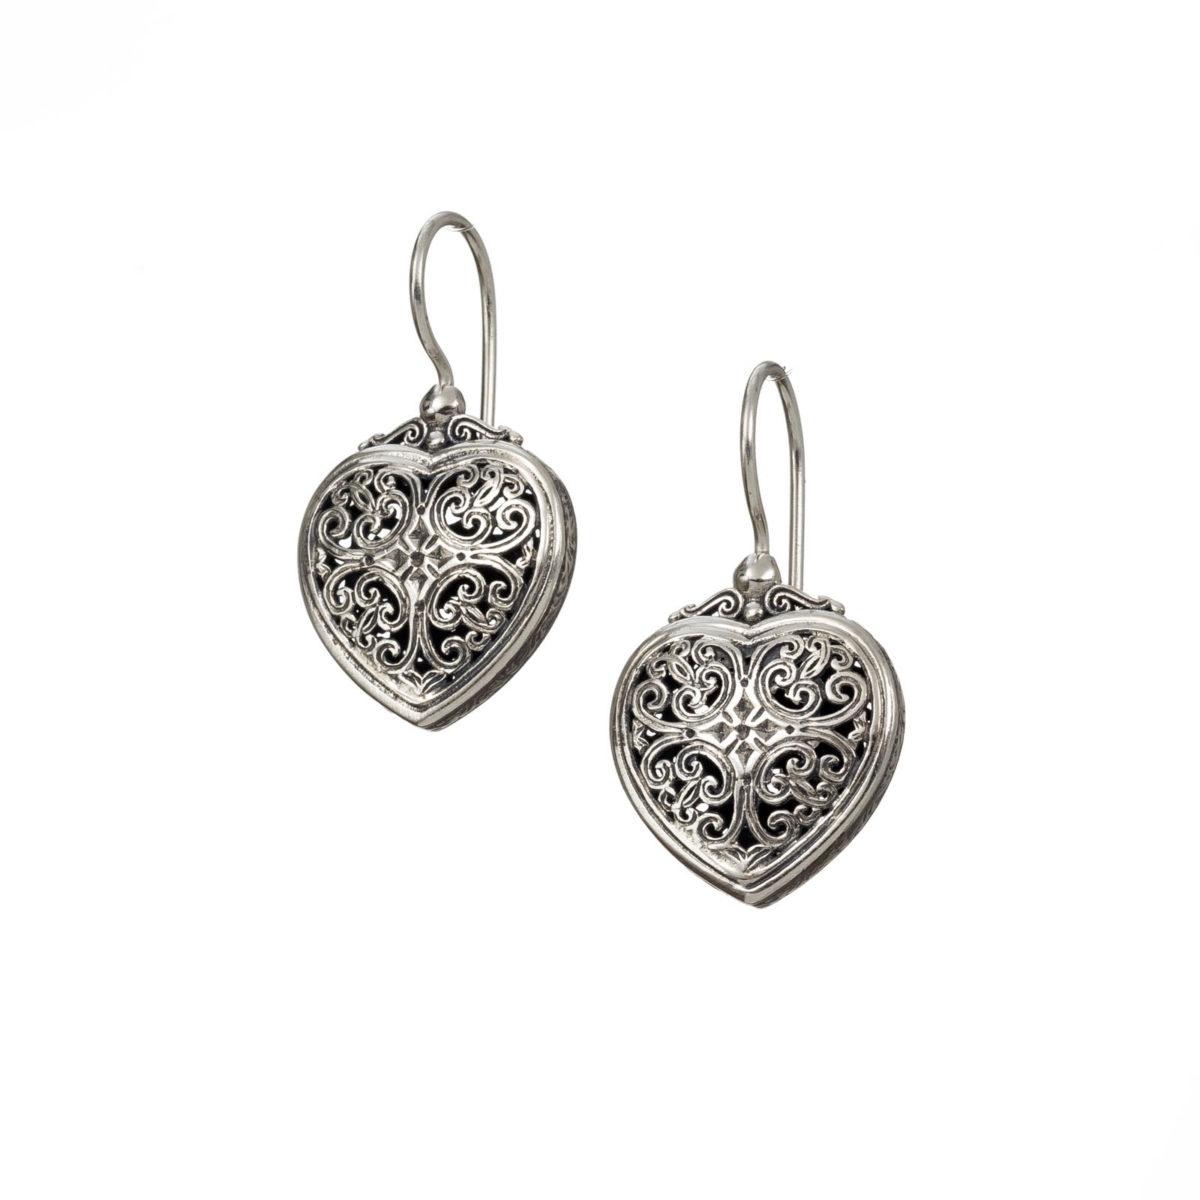 Χειροποίητα κρεμαστά ασημένια σκουλαρίκια σε σχήμα καρδιάς